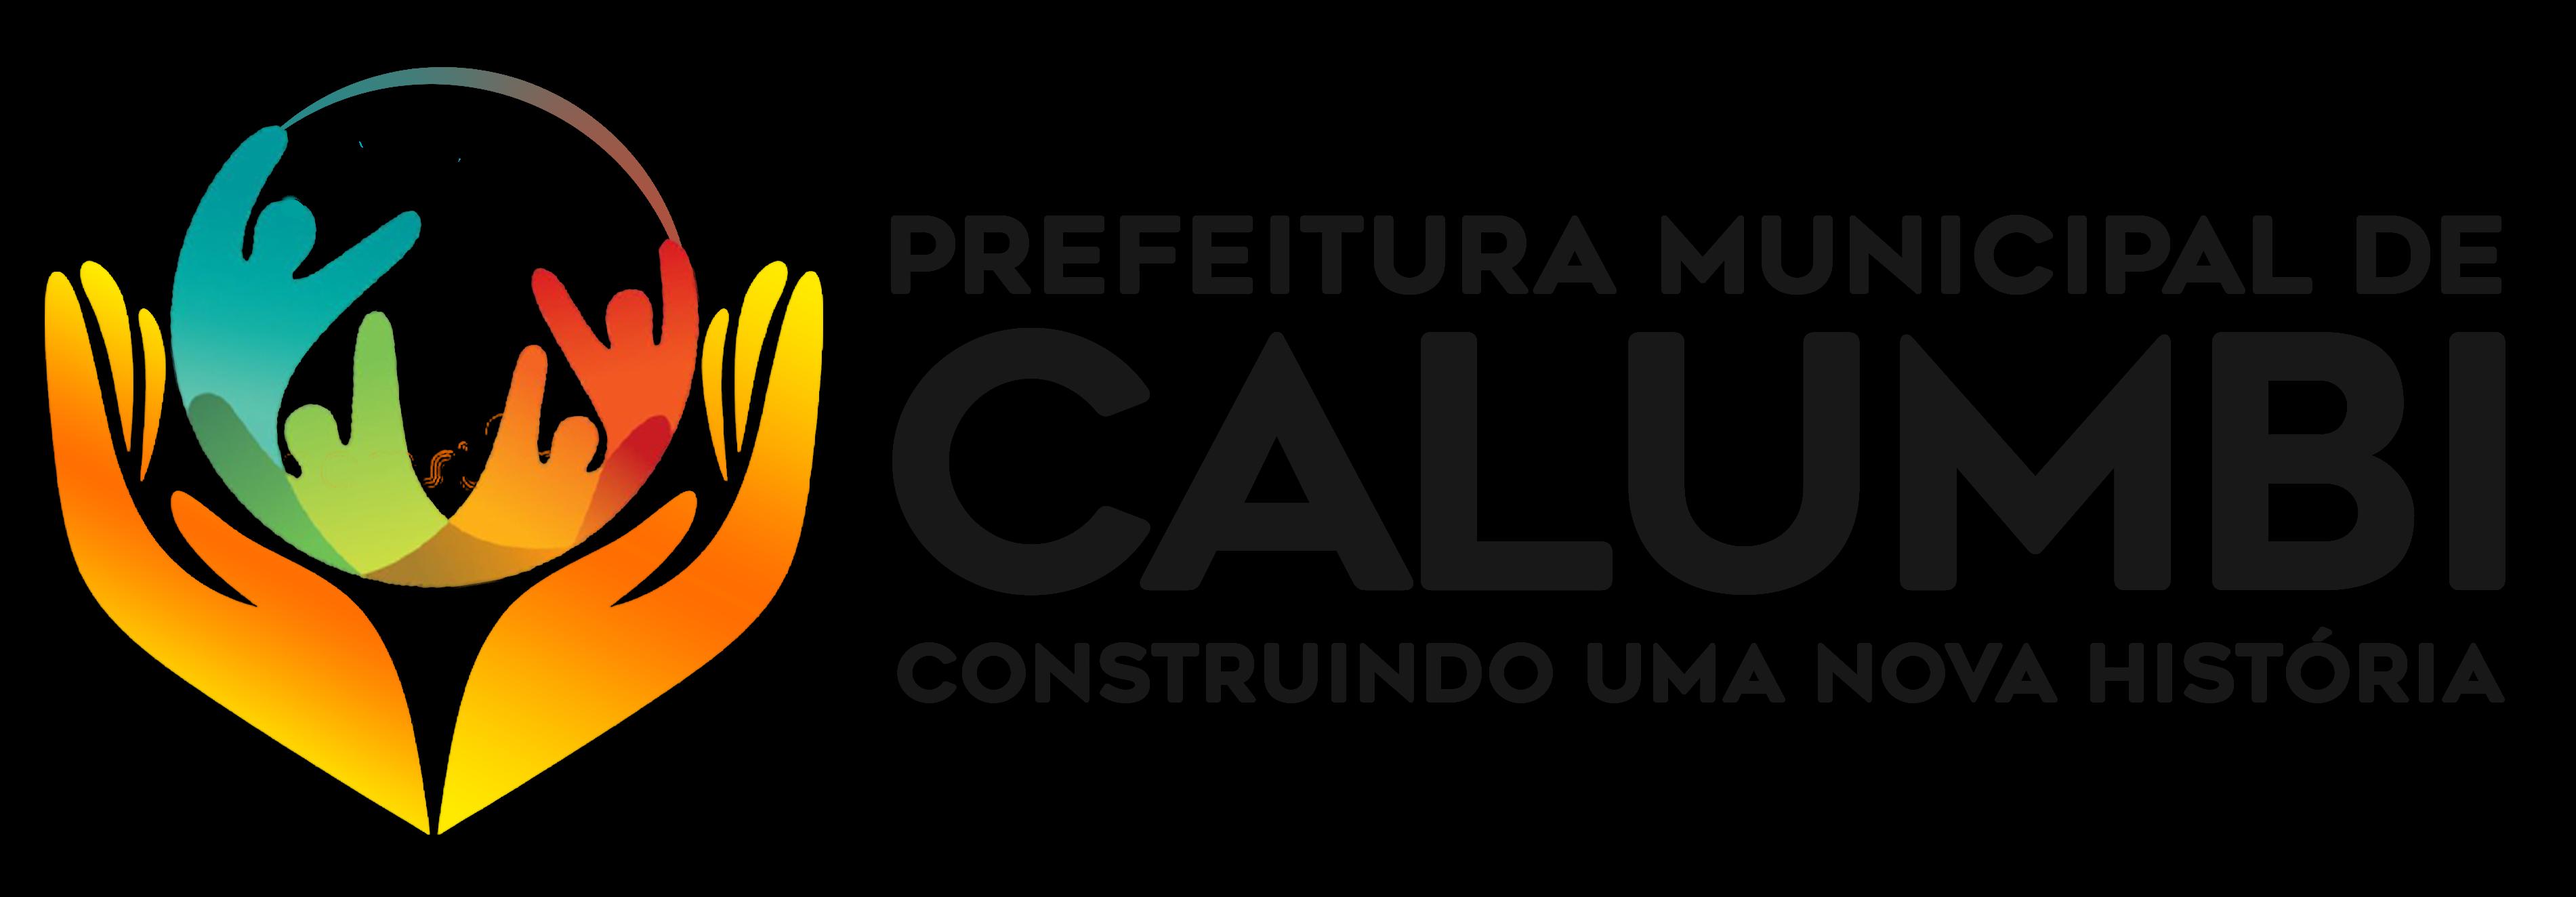 Prefeitura Municipal de Calumbi